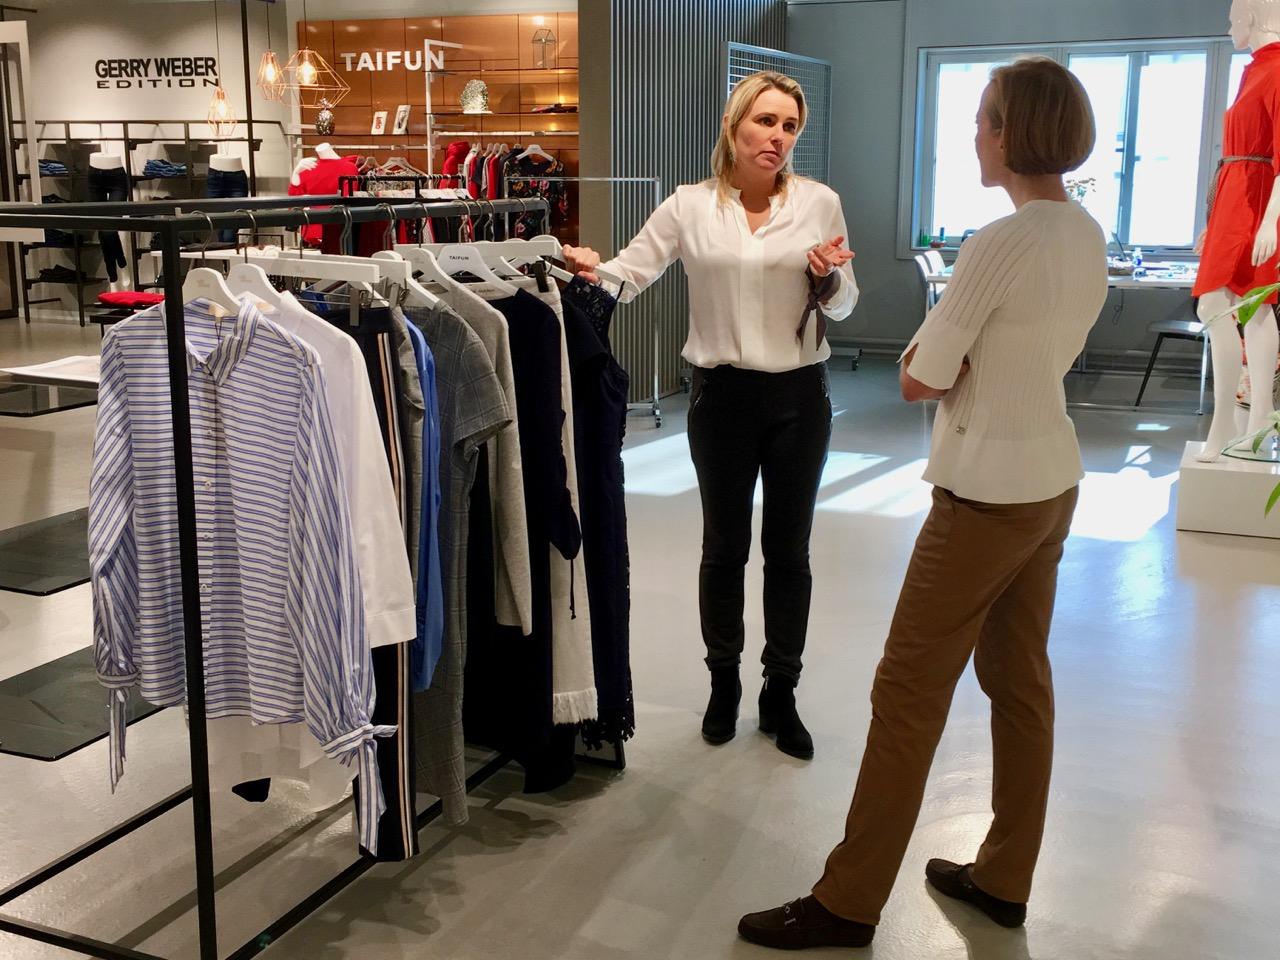 5c96082d5e78 Ovan; Agenten Anna och jag tittar på en ny kollektion, men den var inte  tillräckligt spännande. När vi är på inköp ...